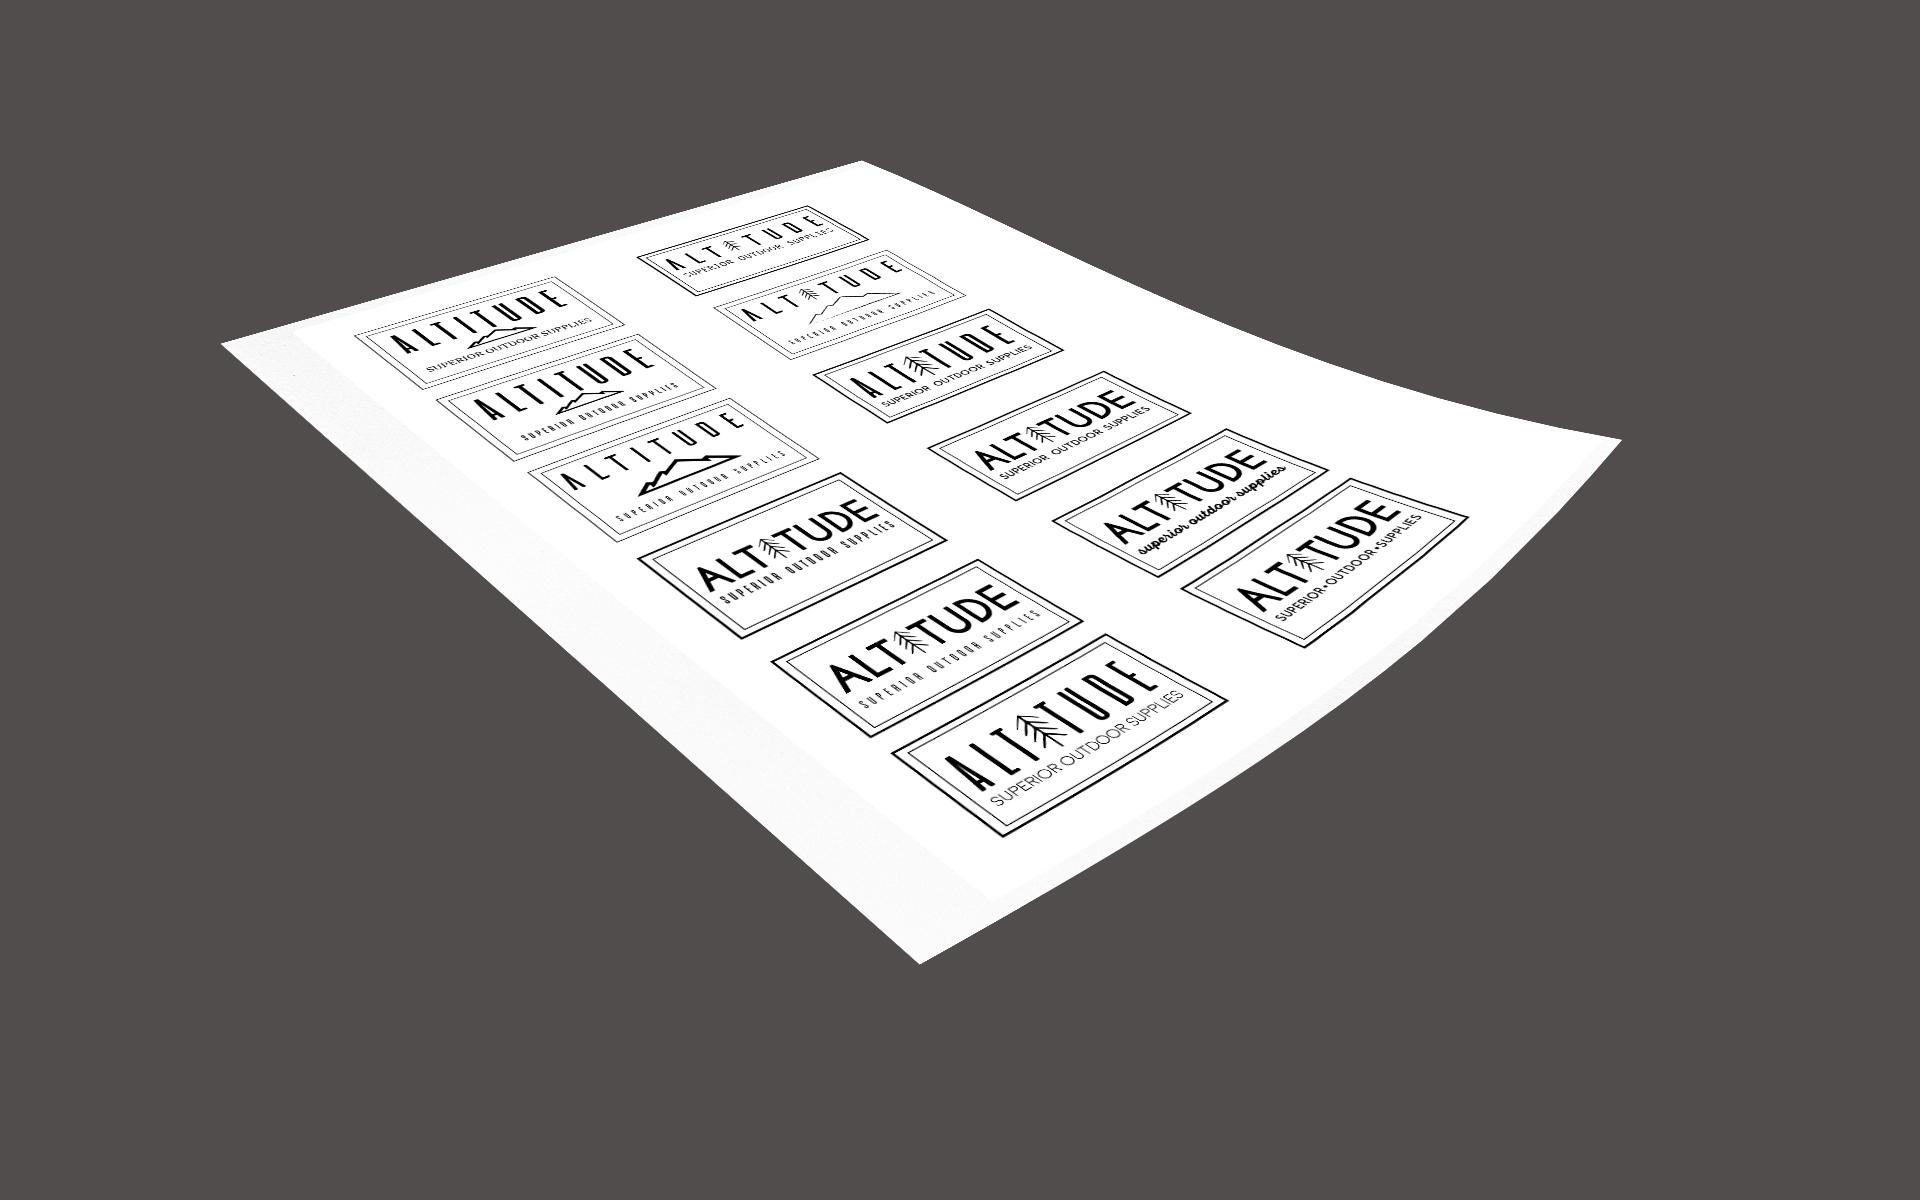 paper-mockup-3.jpg